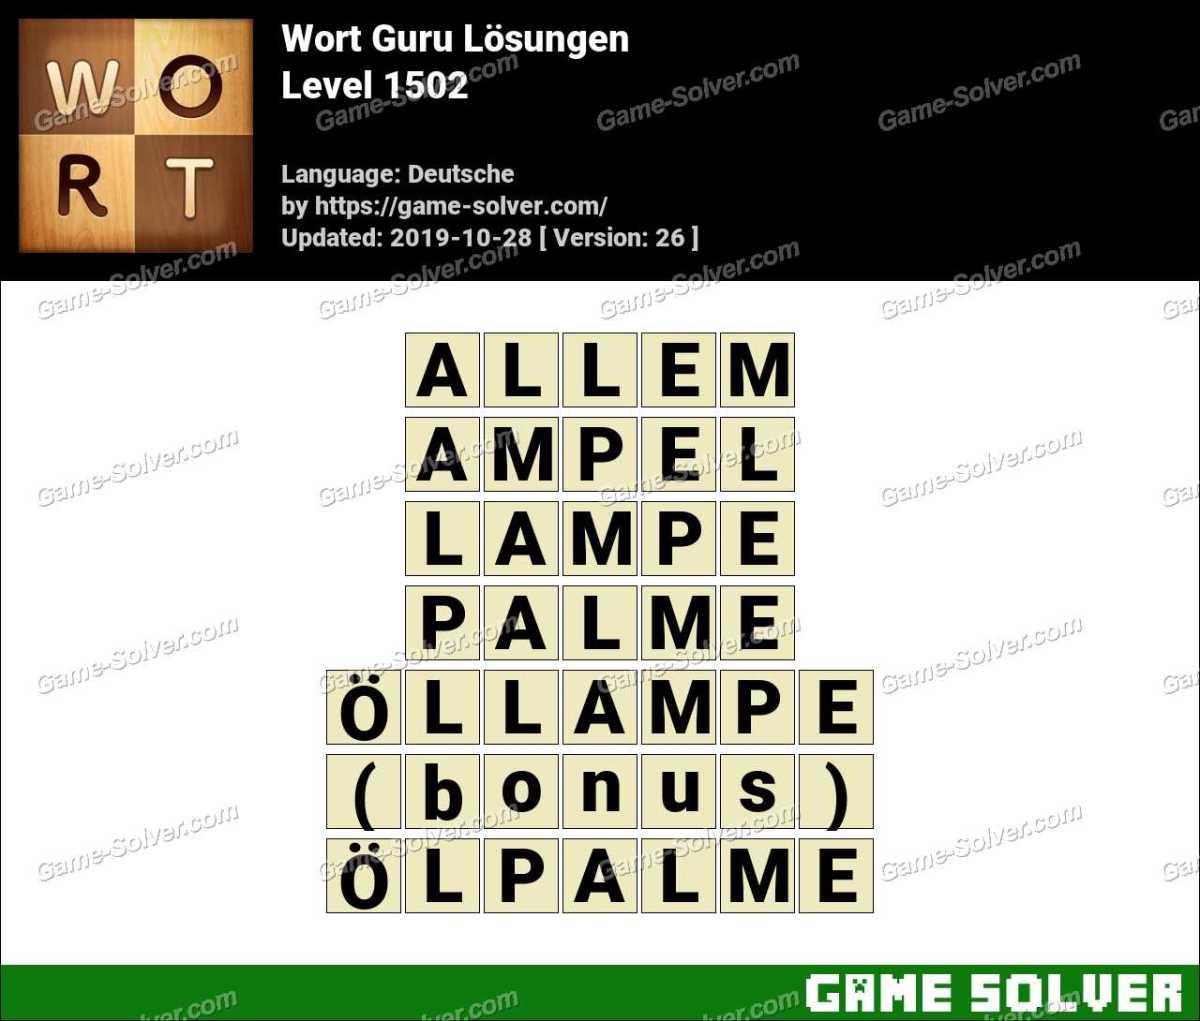 Wort Guru Level 1502 Lösungen